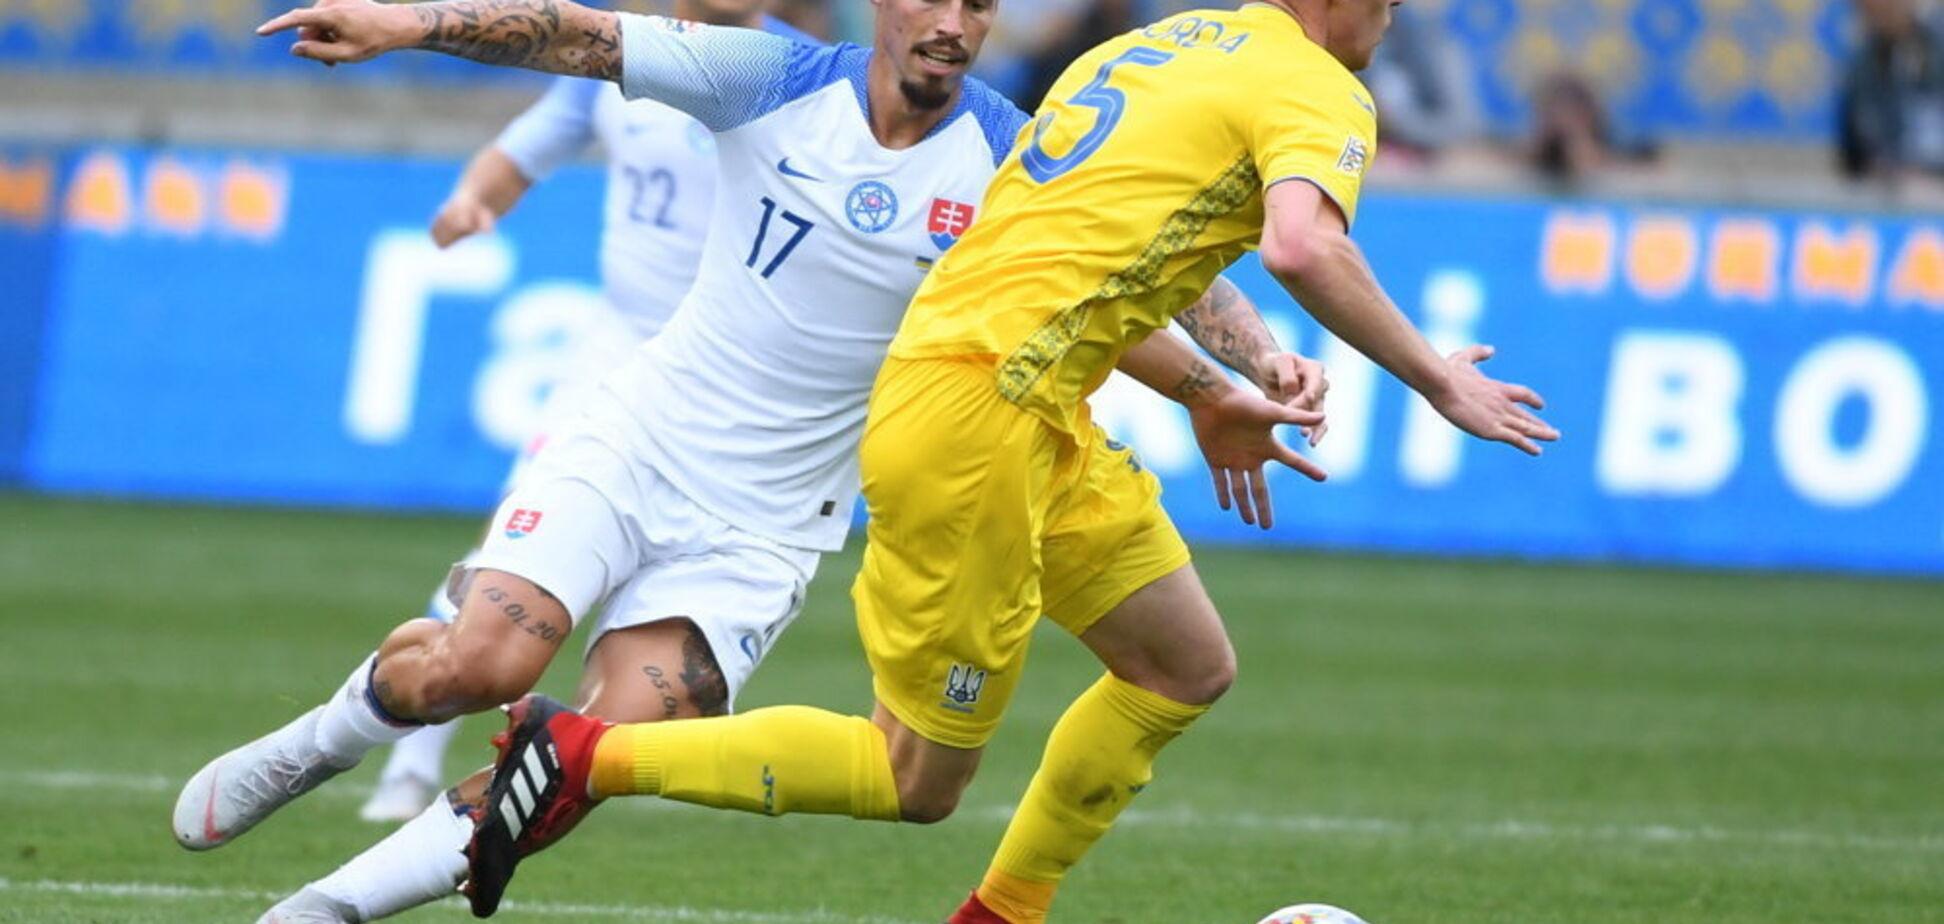 Словаччина — Україна: прогноз на матч Ліги націй